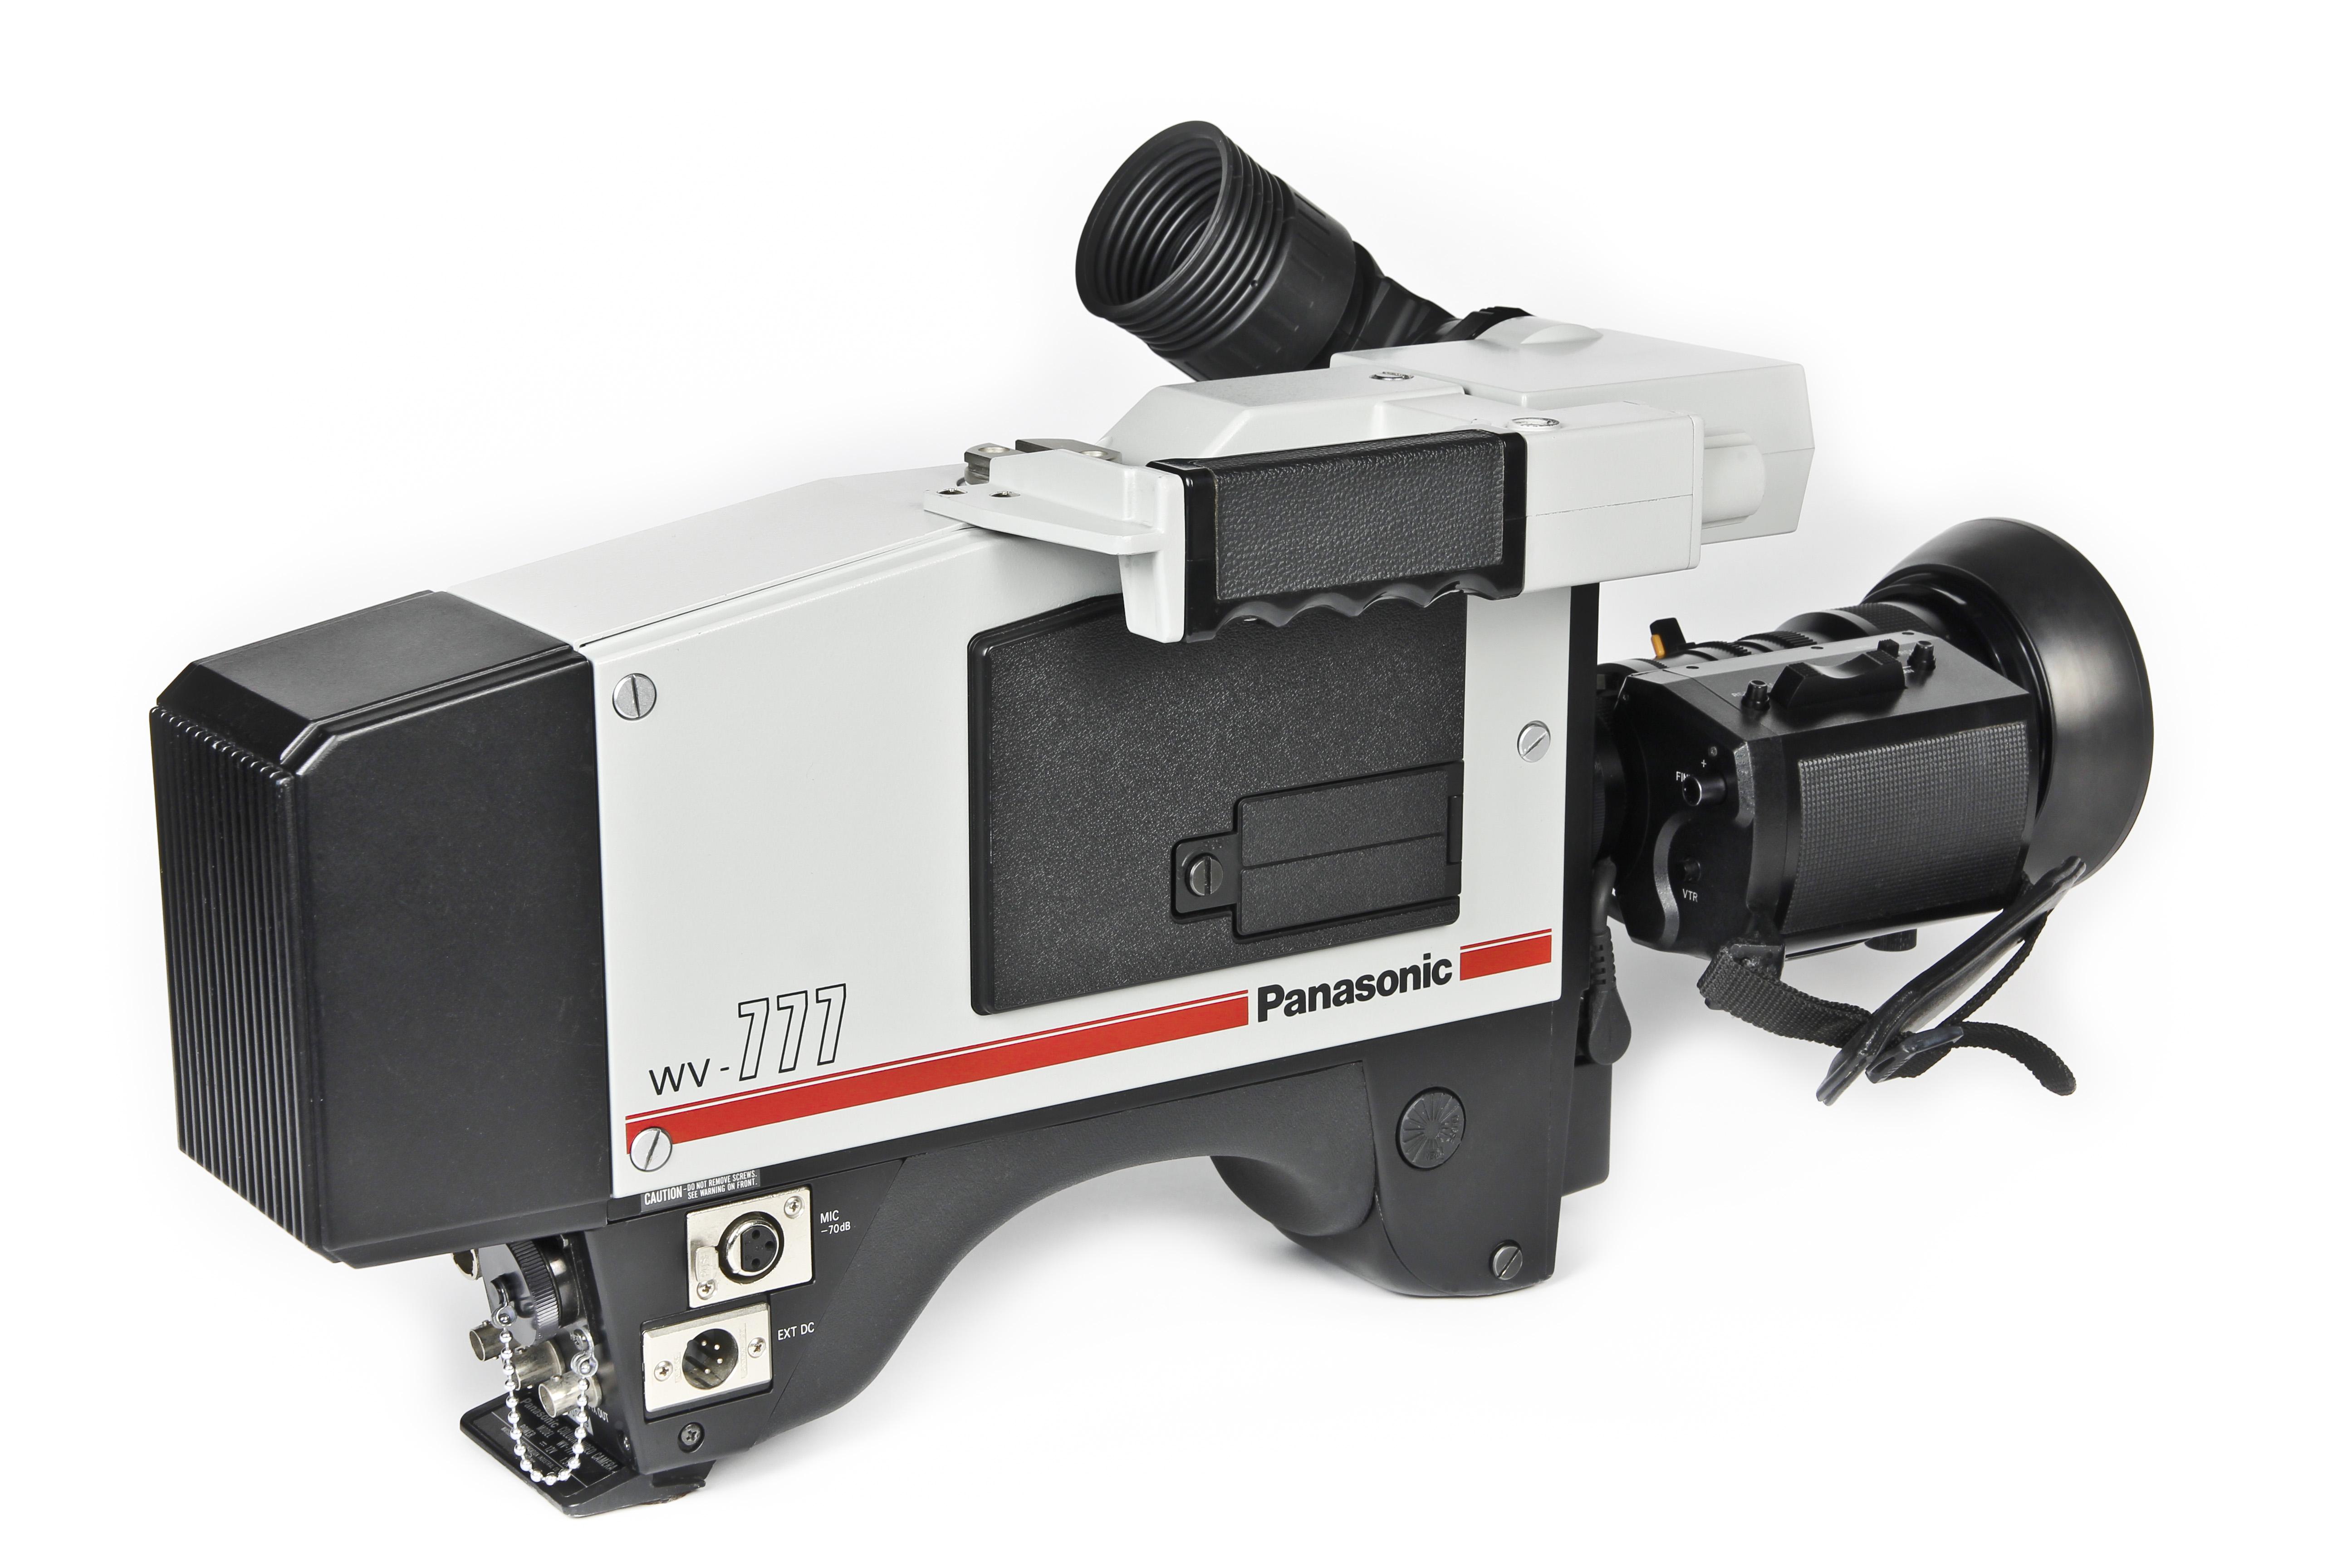 Panasonic WVP-777 -  (6 von 13)